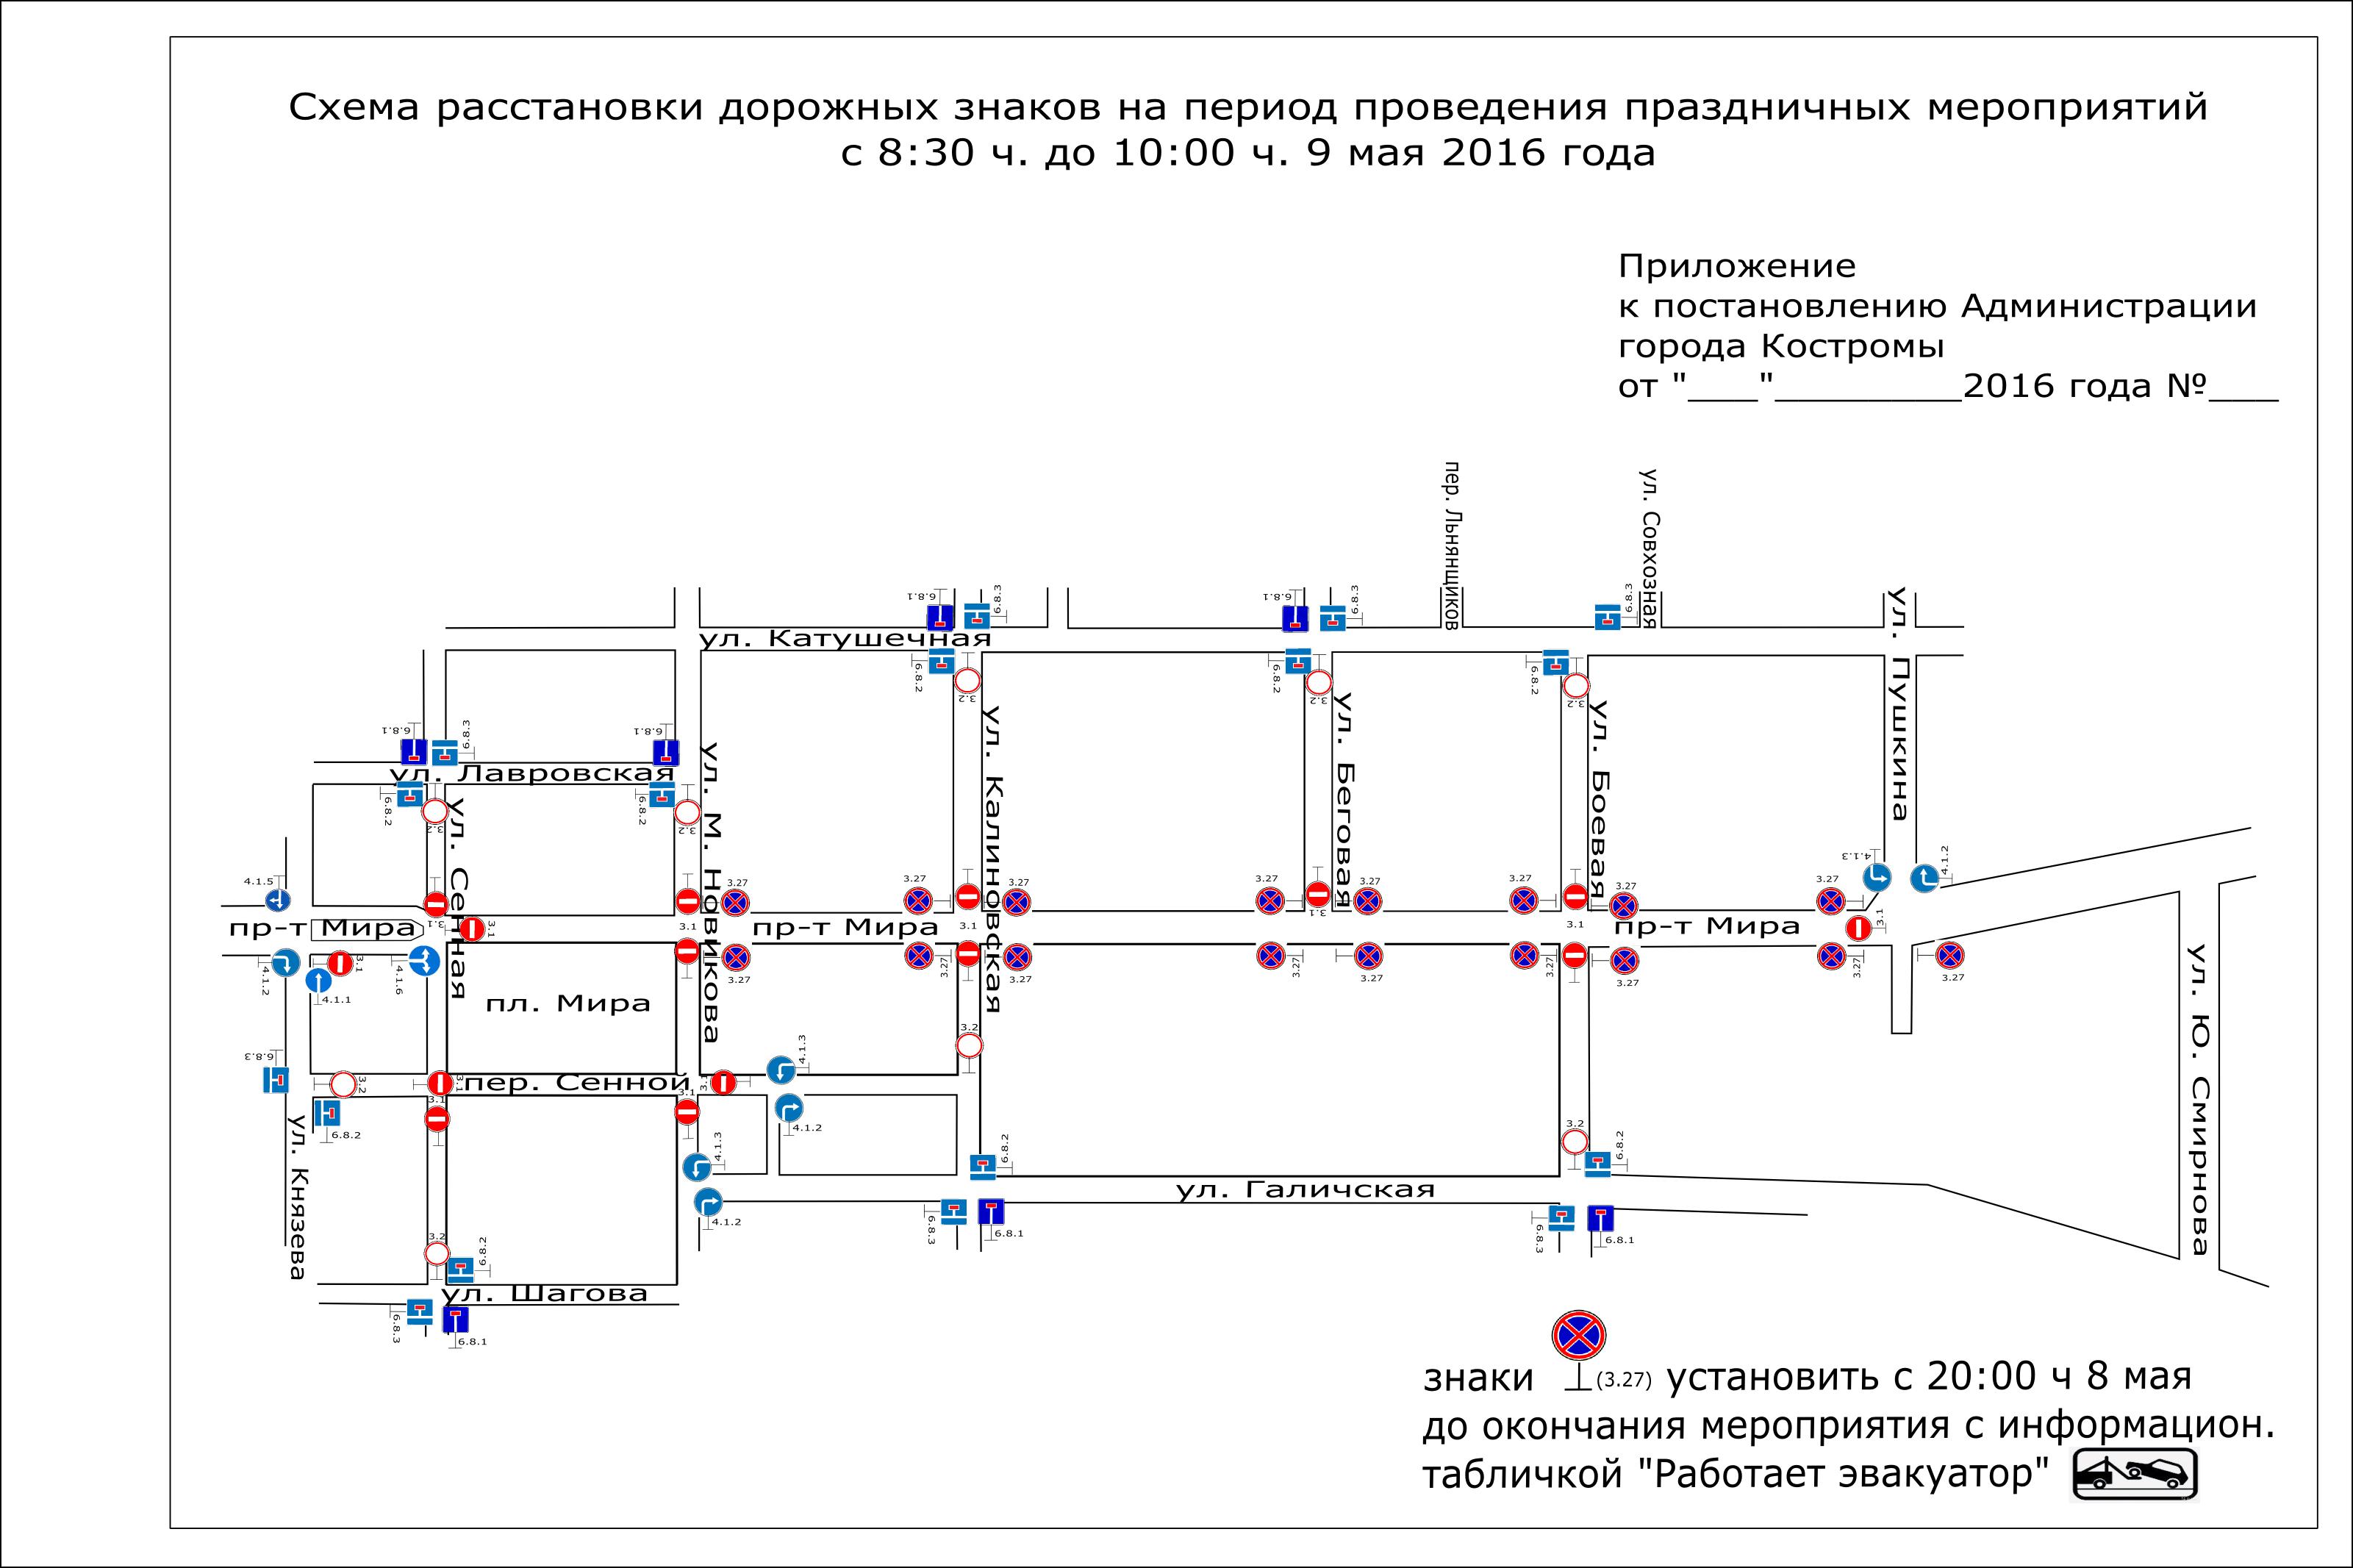 Схема расстановки дорожных знаков фото 755